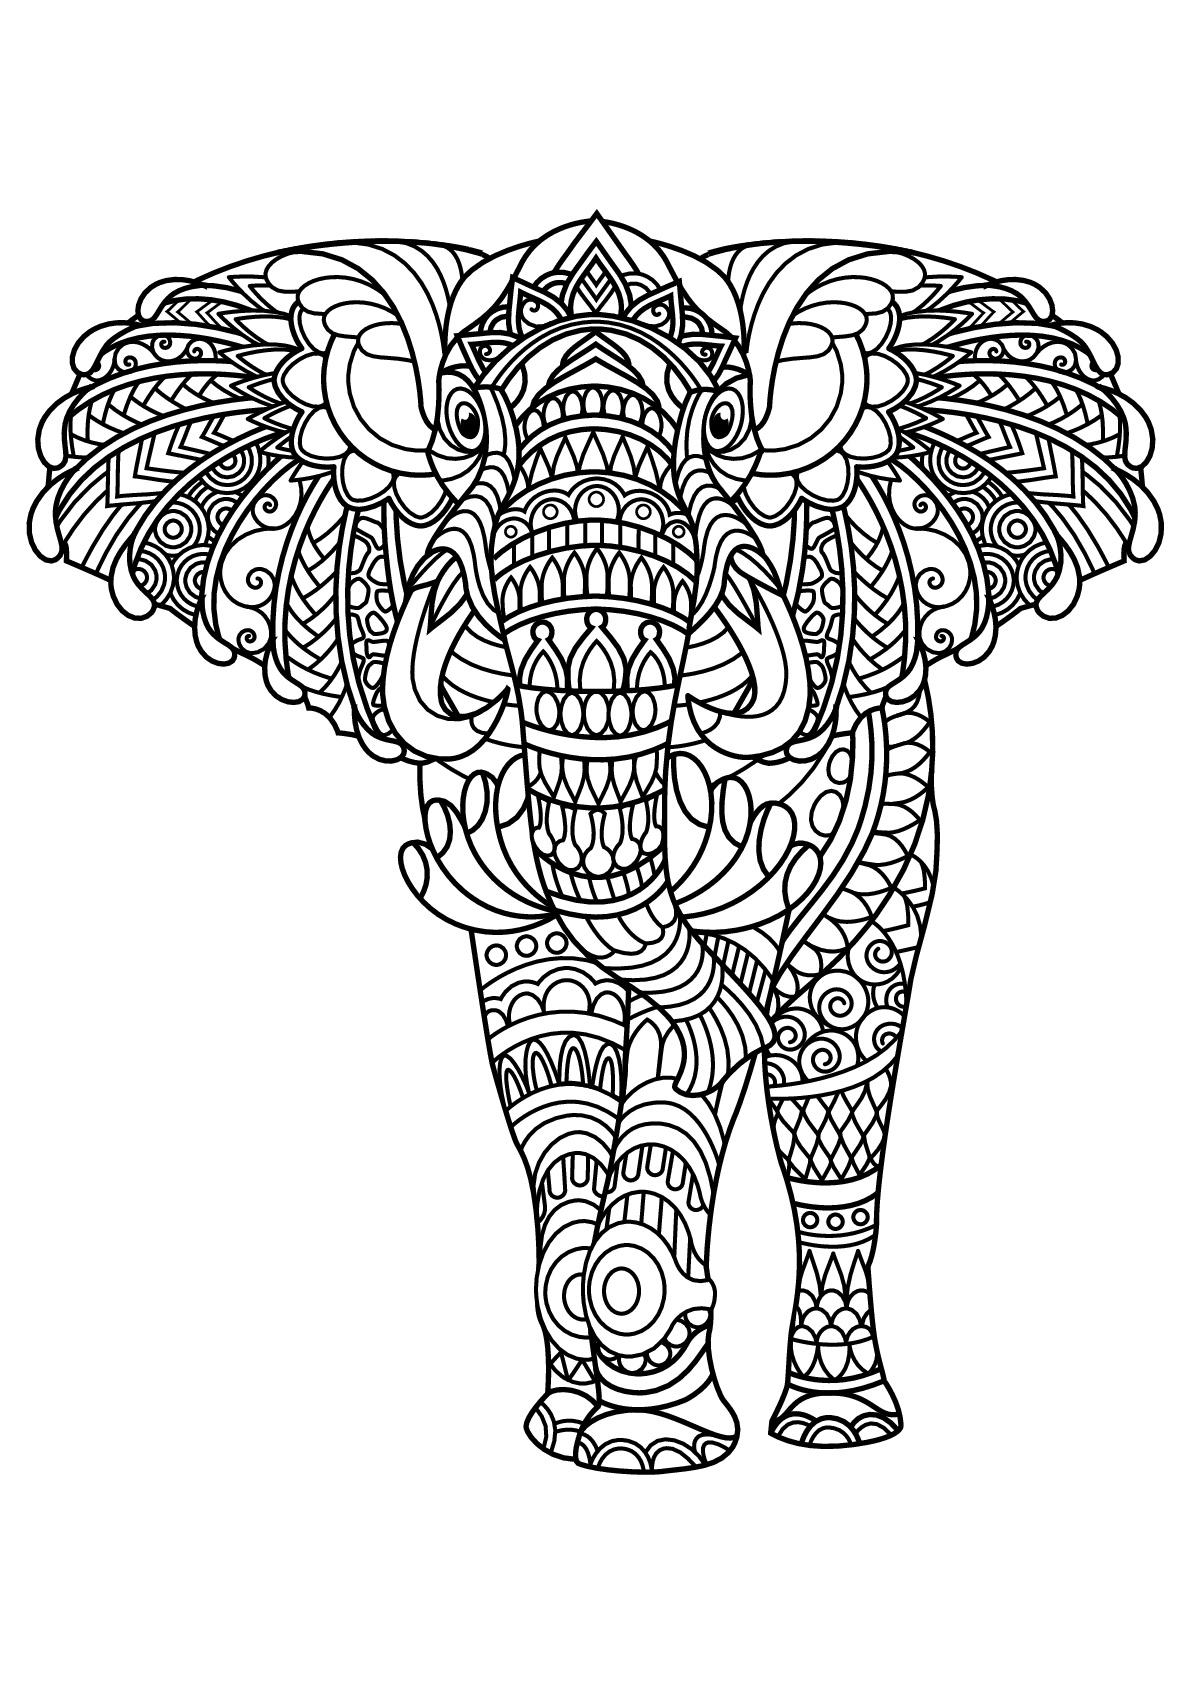 Coloriage A Imprimer Difficile Elephant.Livre Gratuit Elephant Elephants Coloriages Difficiles Pour Adultes